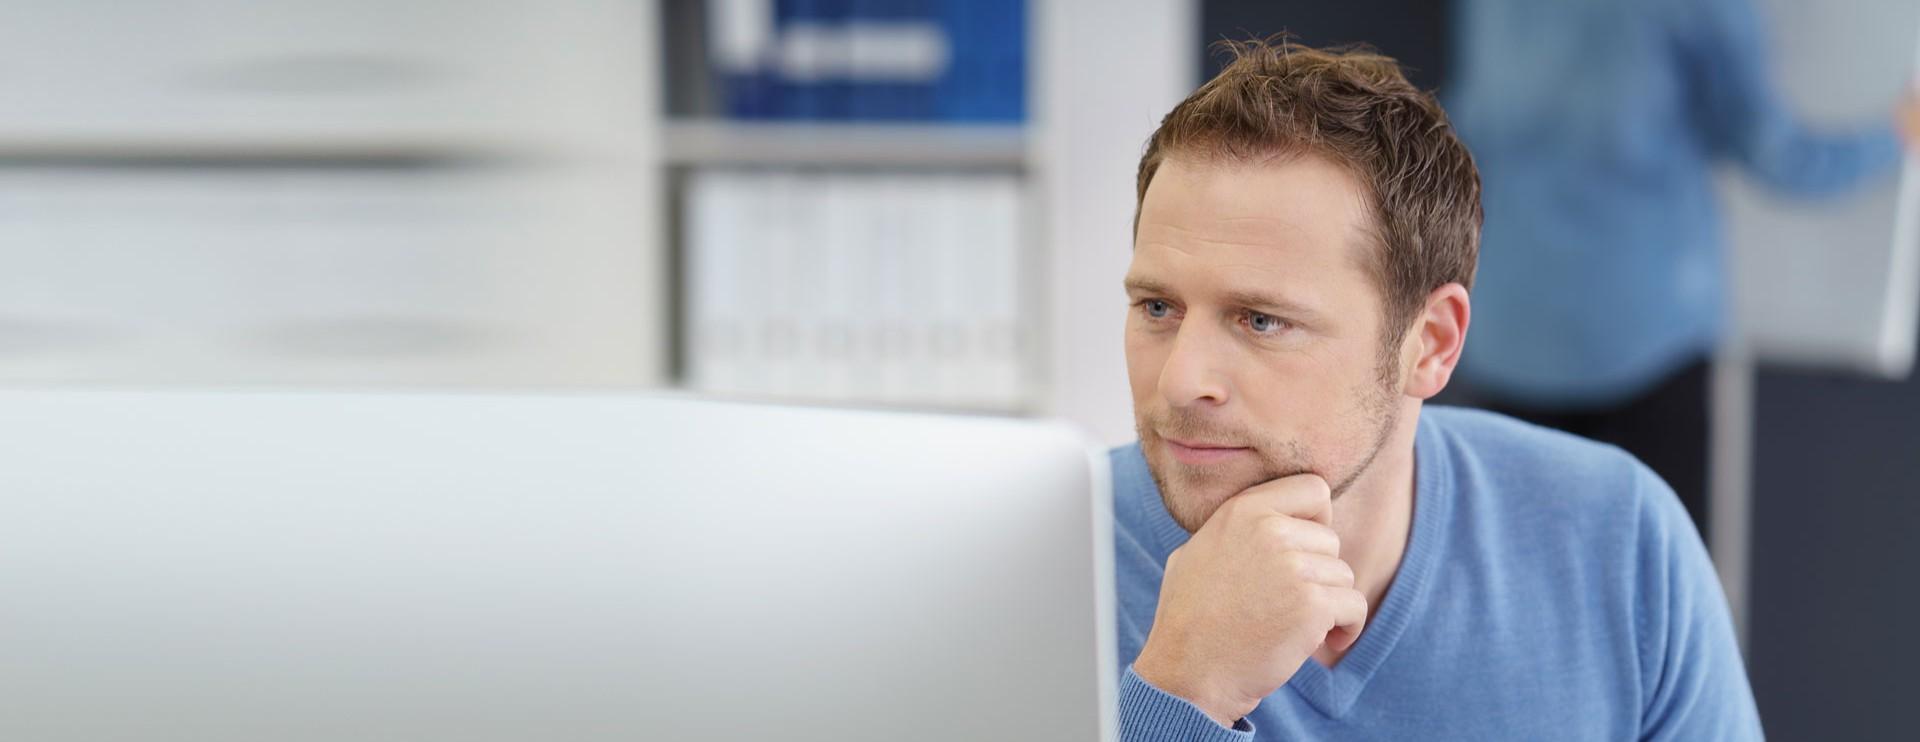 Man checking his laptop